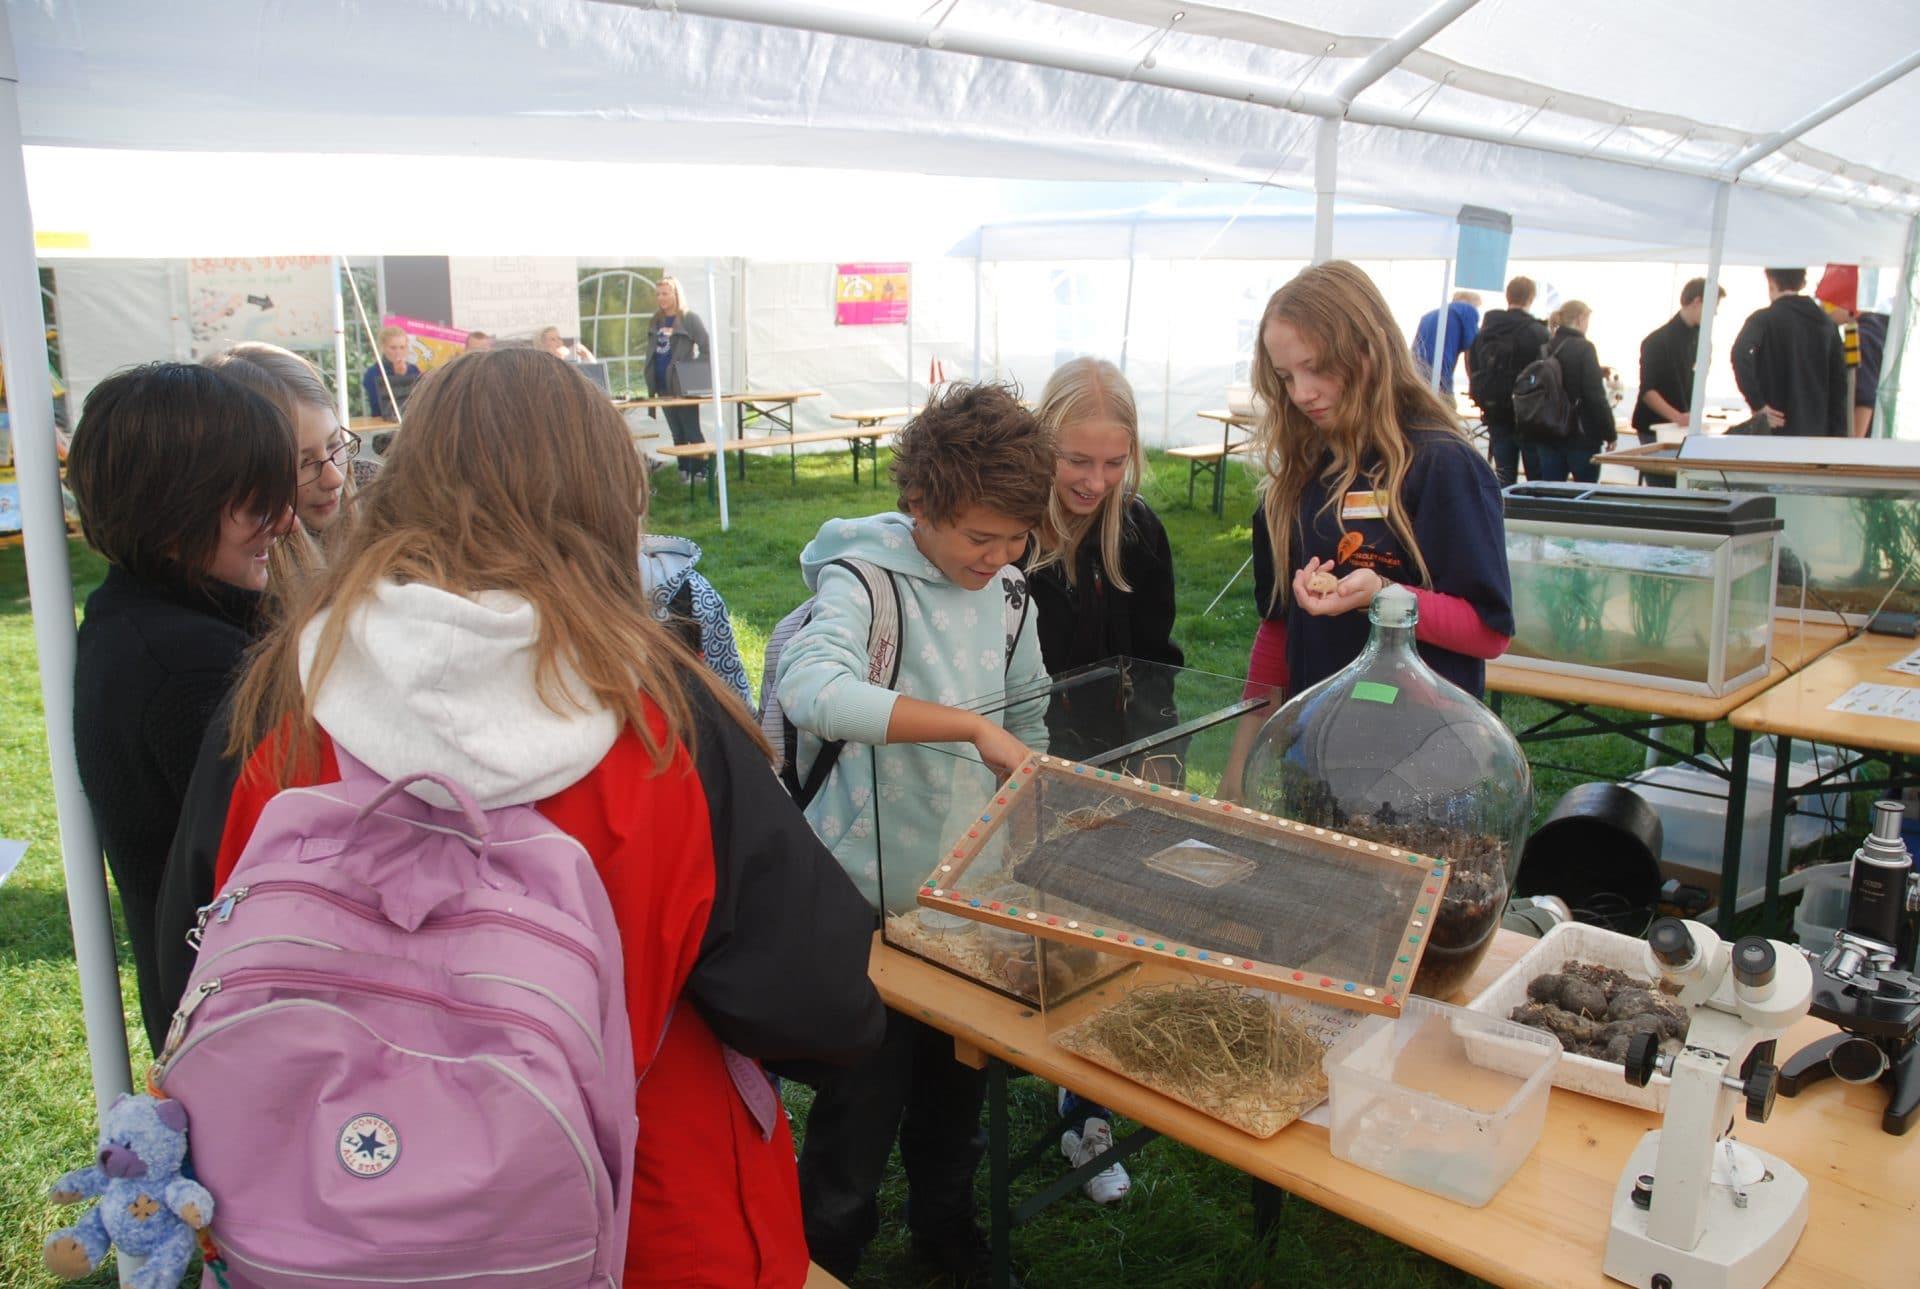 Naturvidenskabsfestival